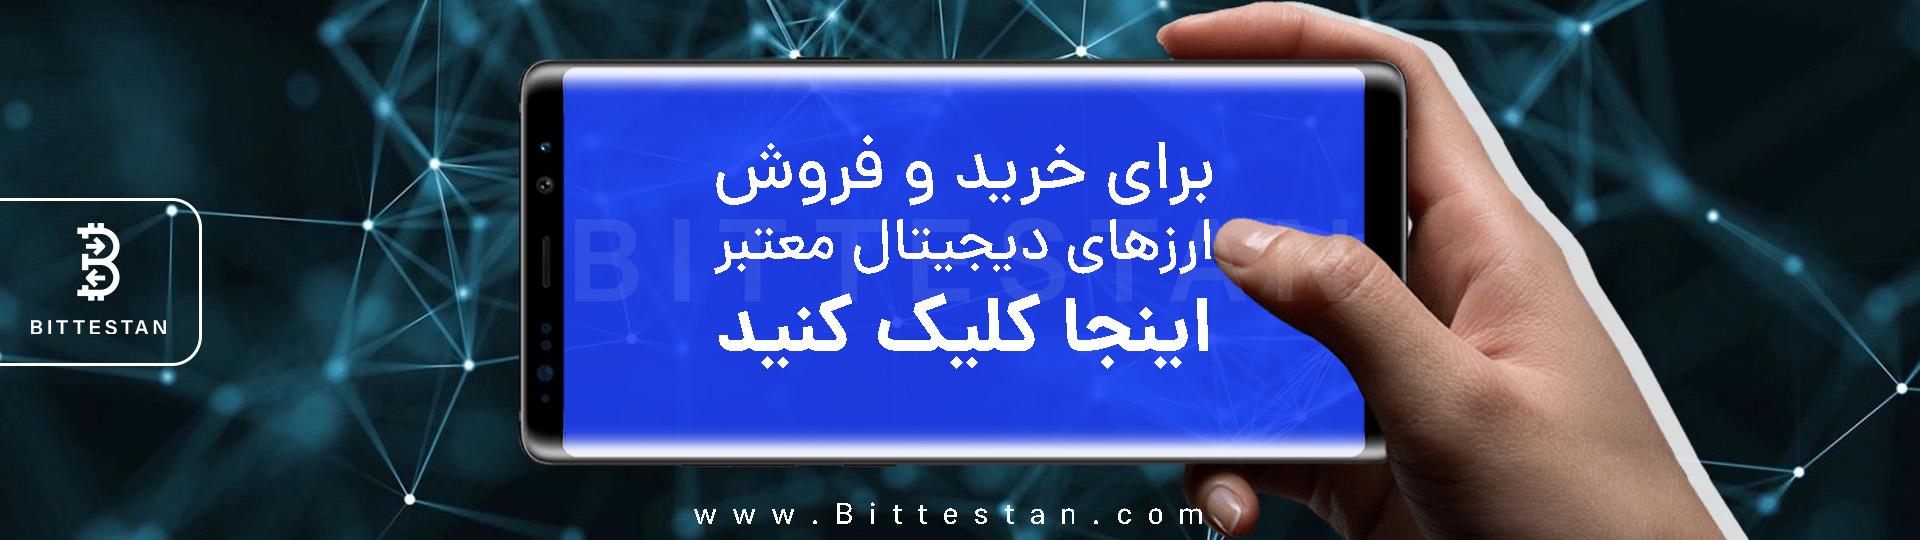 فروش بیت کوین در ایران